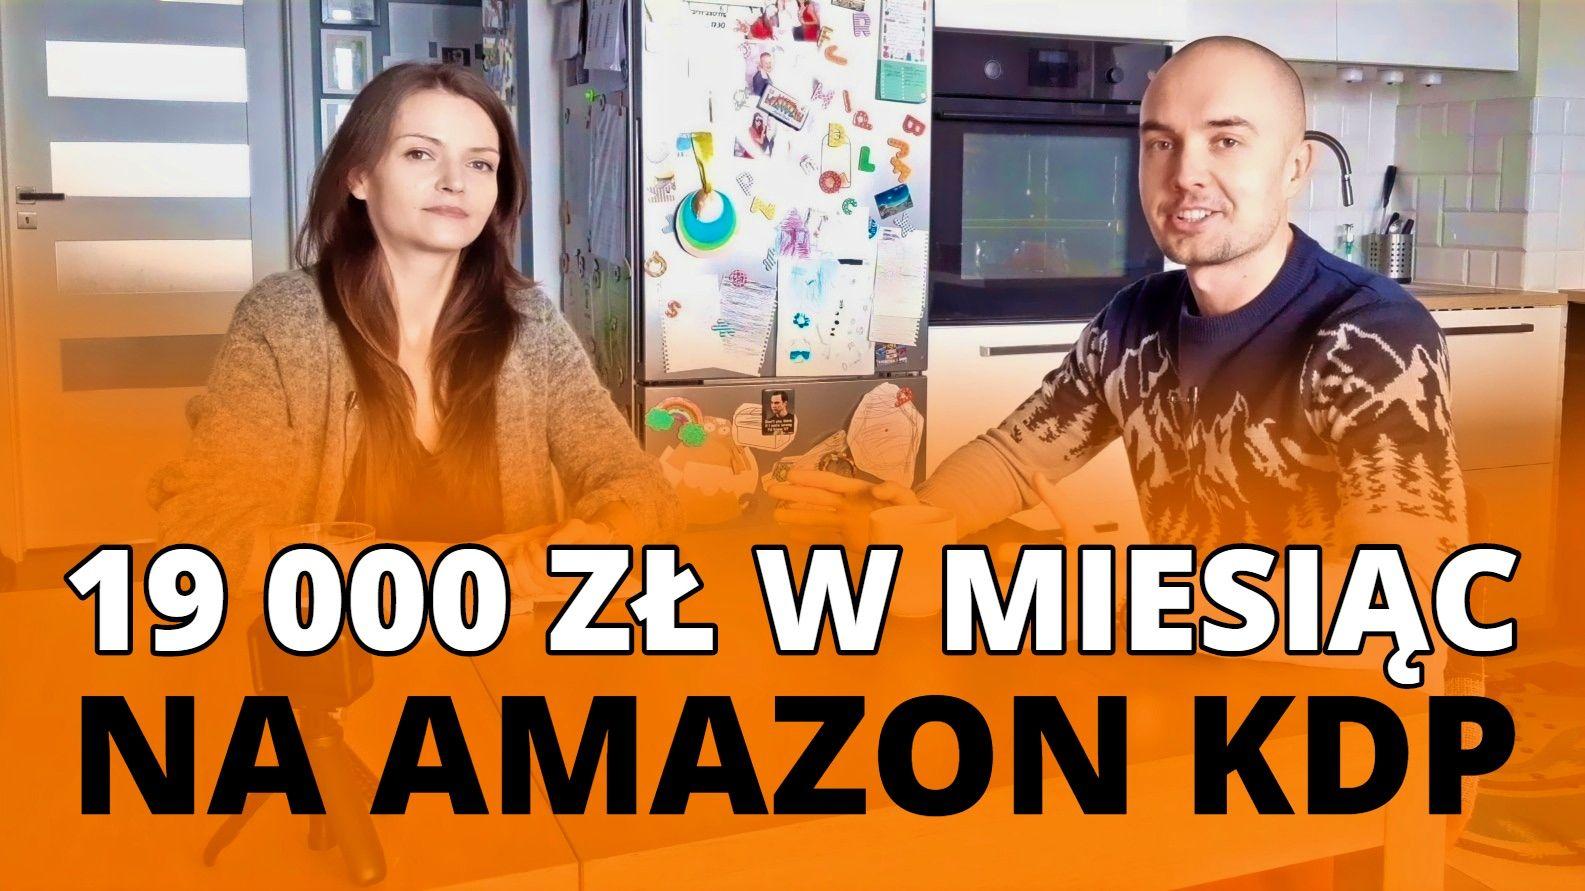 Jak Ania zarobiła 19 000 zł w miesiąc na AMAZON KDP